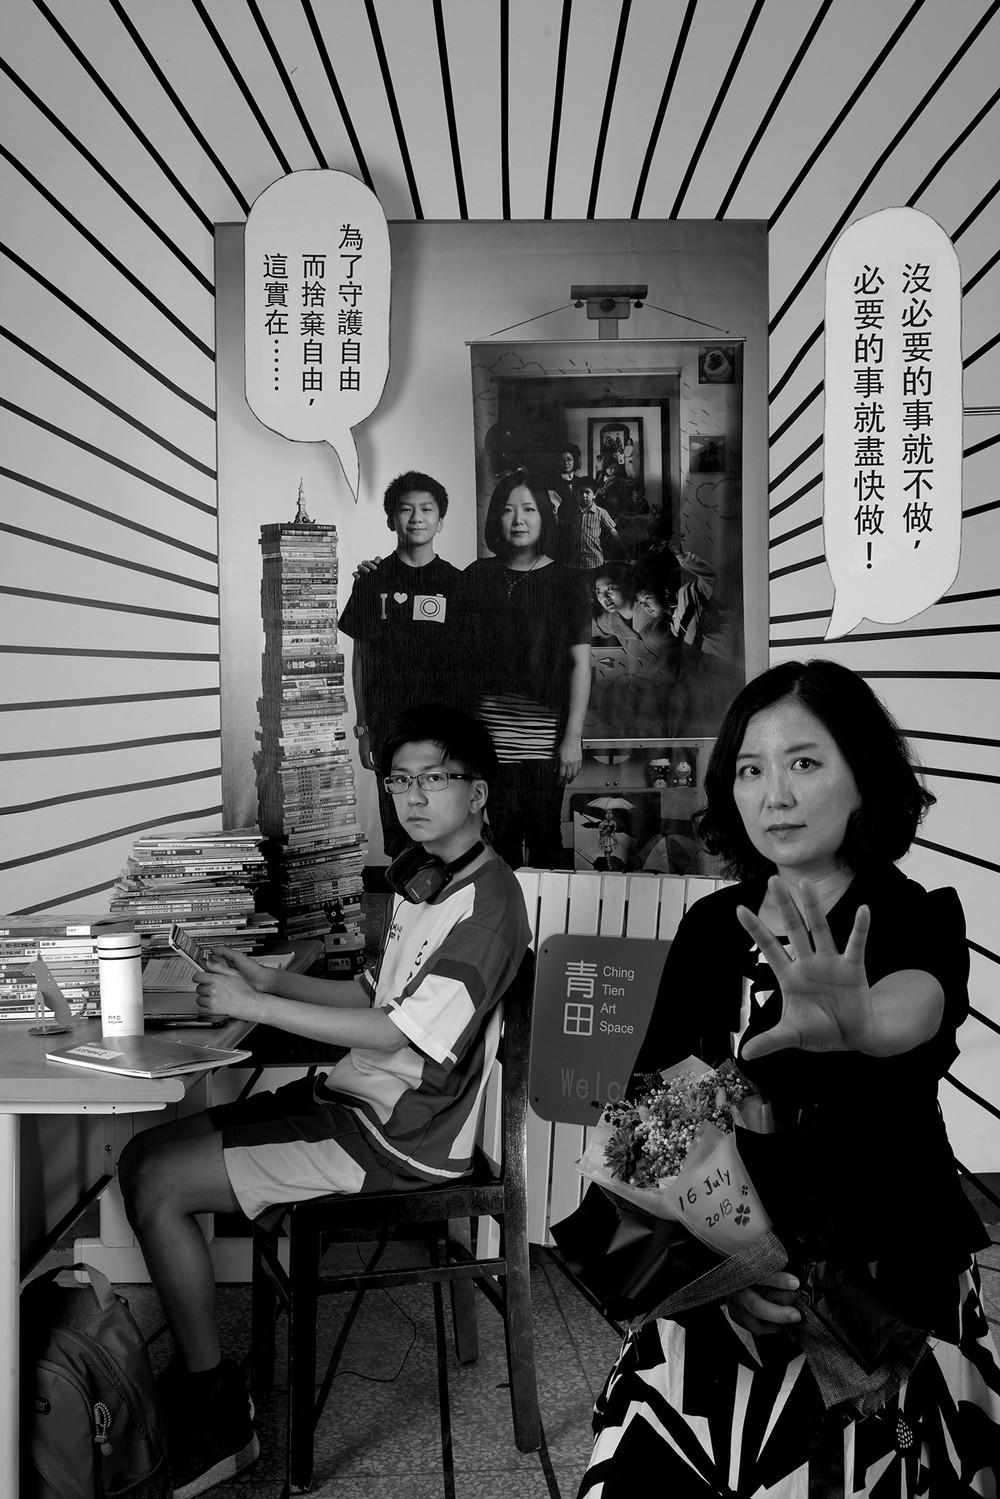 Мама 17 лет делает автопортреты с сыном и каждый последующий снимок на фоне предыдущего 10